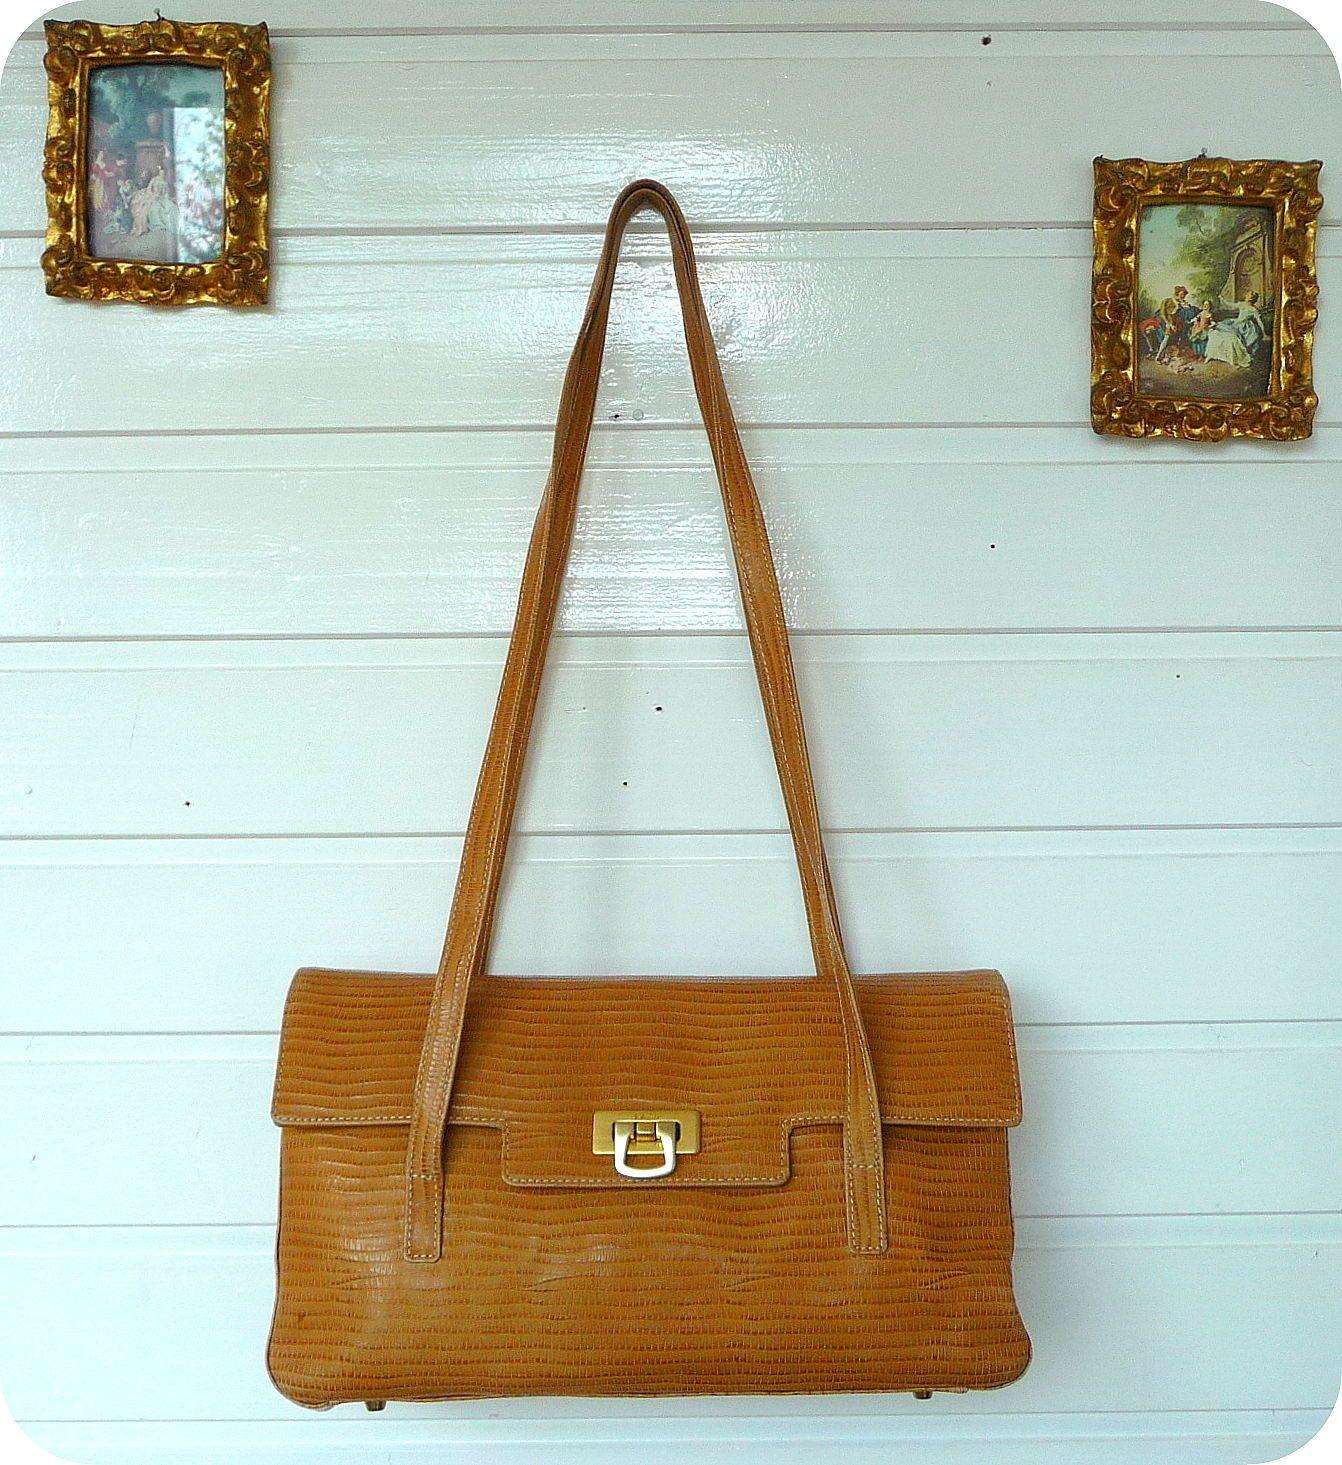 91c0c5bfb3ef2 Luxus MEDICI Leder Schultertasche Tasche Leather Bag Handtasche Borsa  Schlange